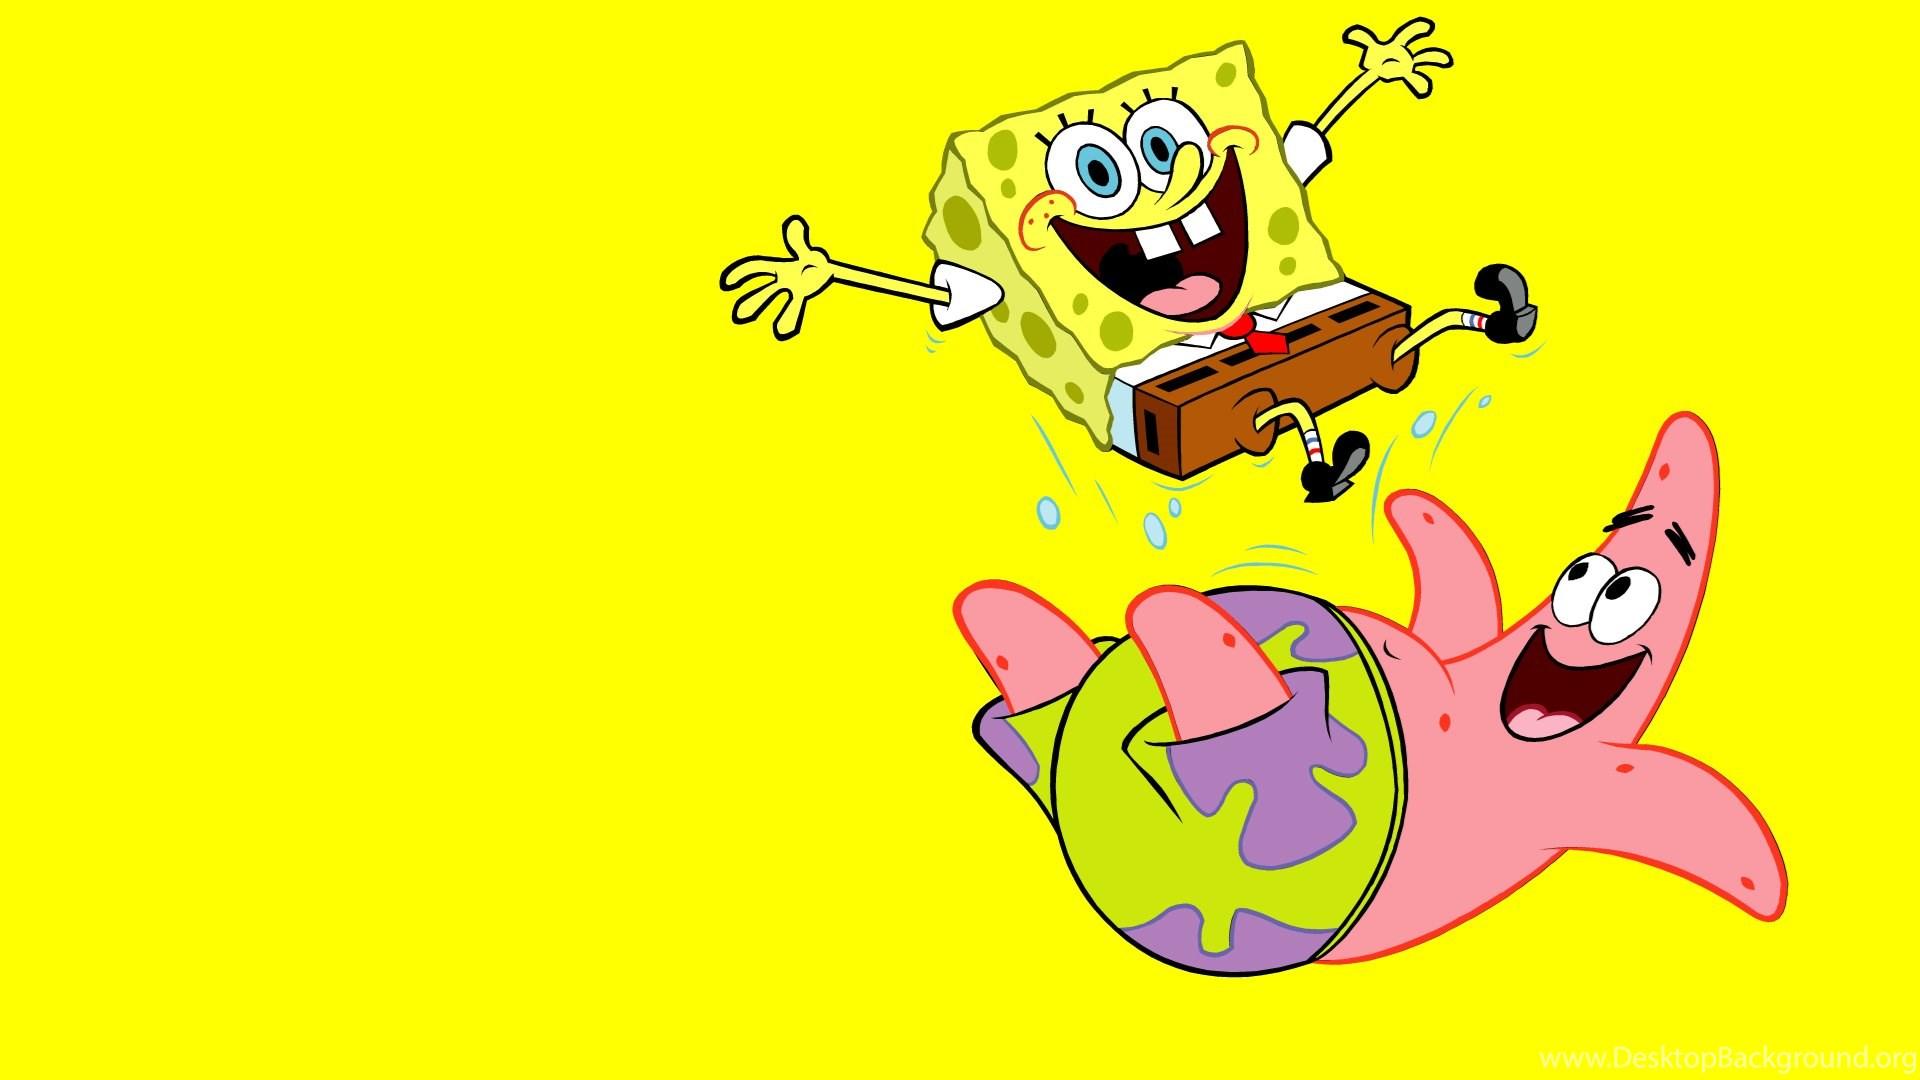 Spongebob Wallpapers Desktop 255 Hd Wallpaper Backgrounds Desktop Background